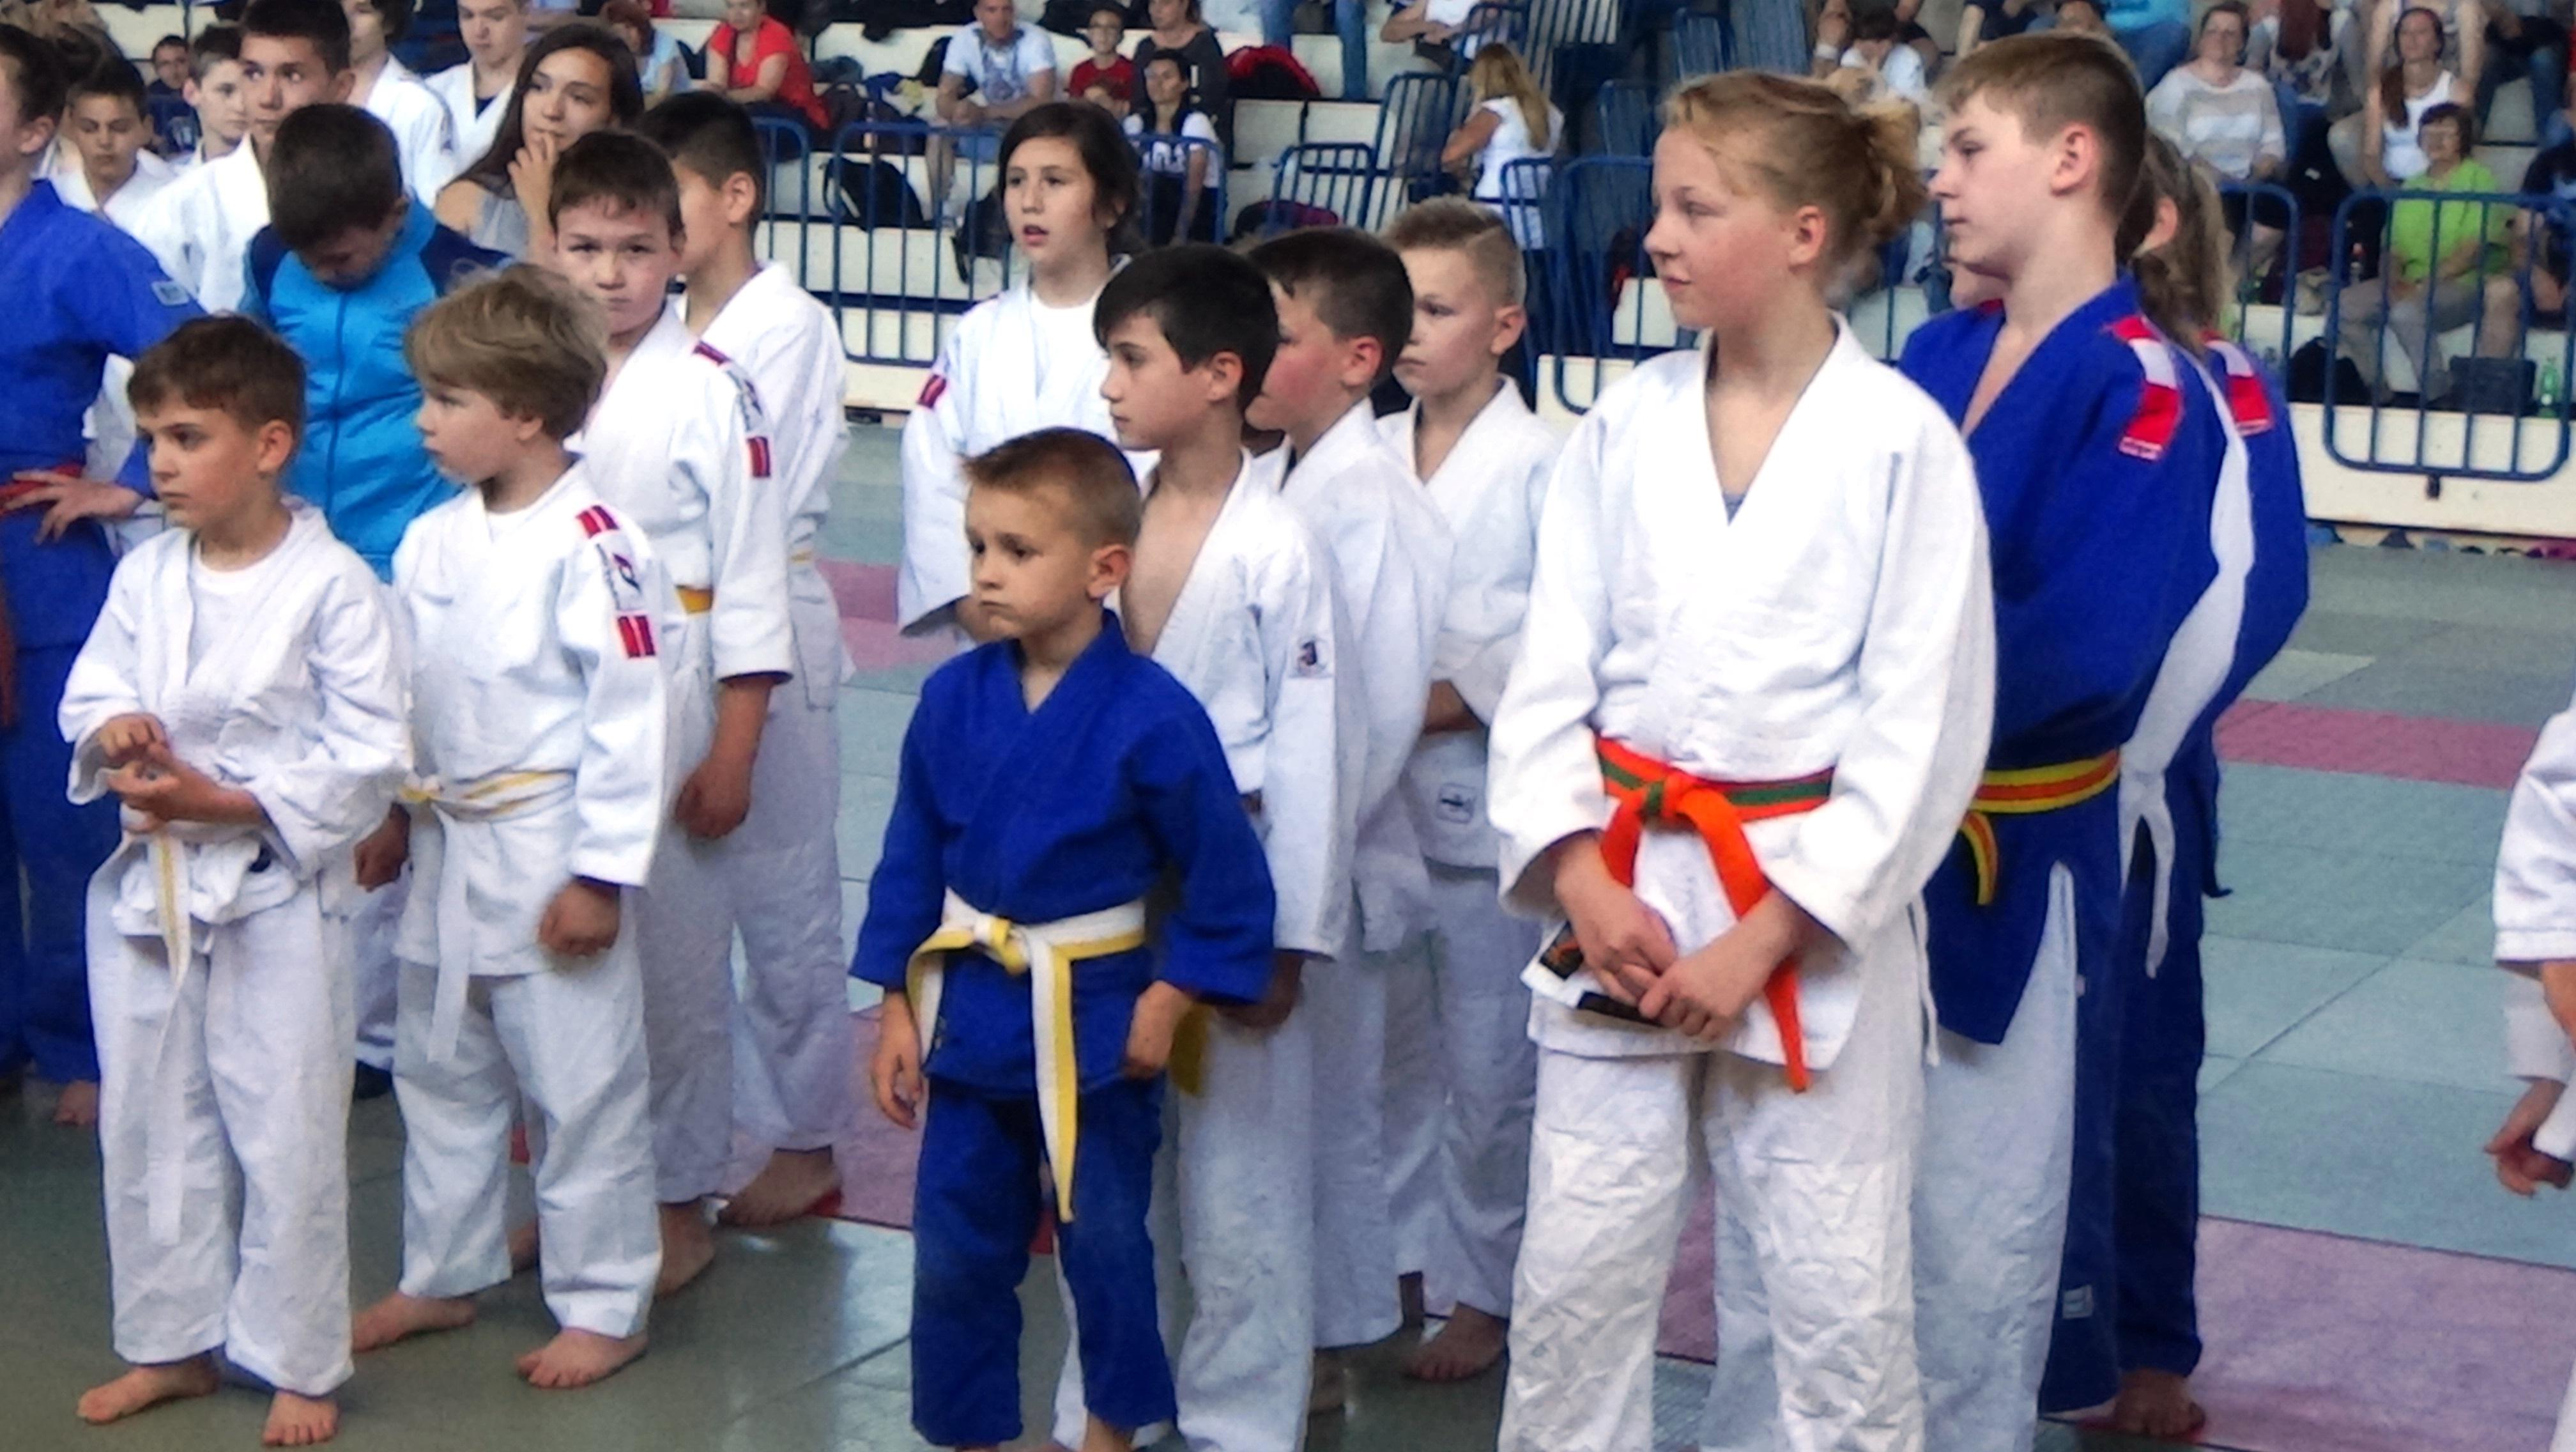 Najmlajši predstavnik tekmovanja Leo VODEB